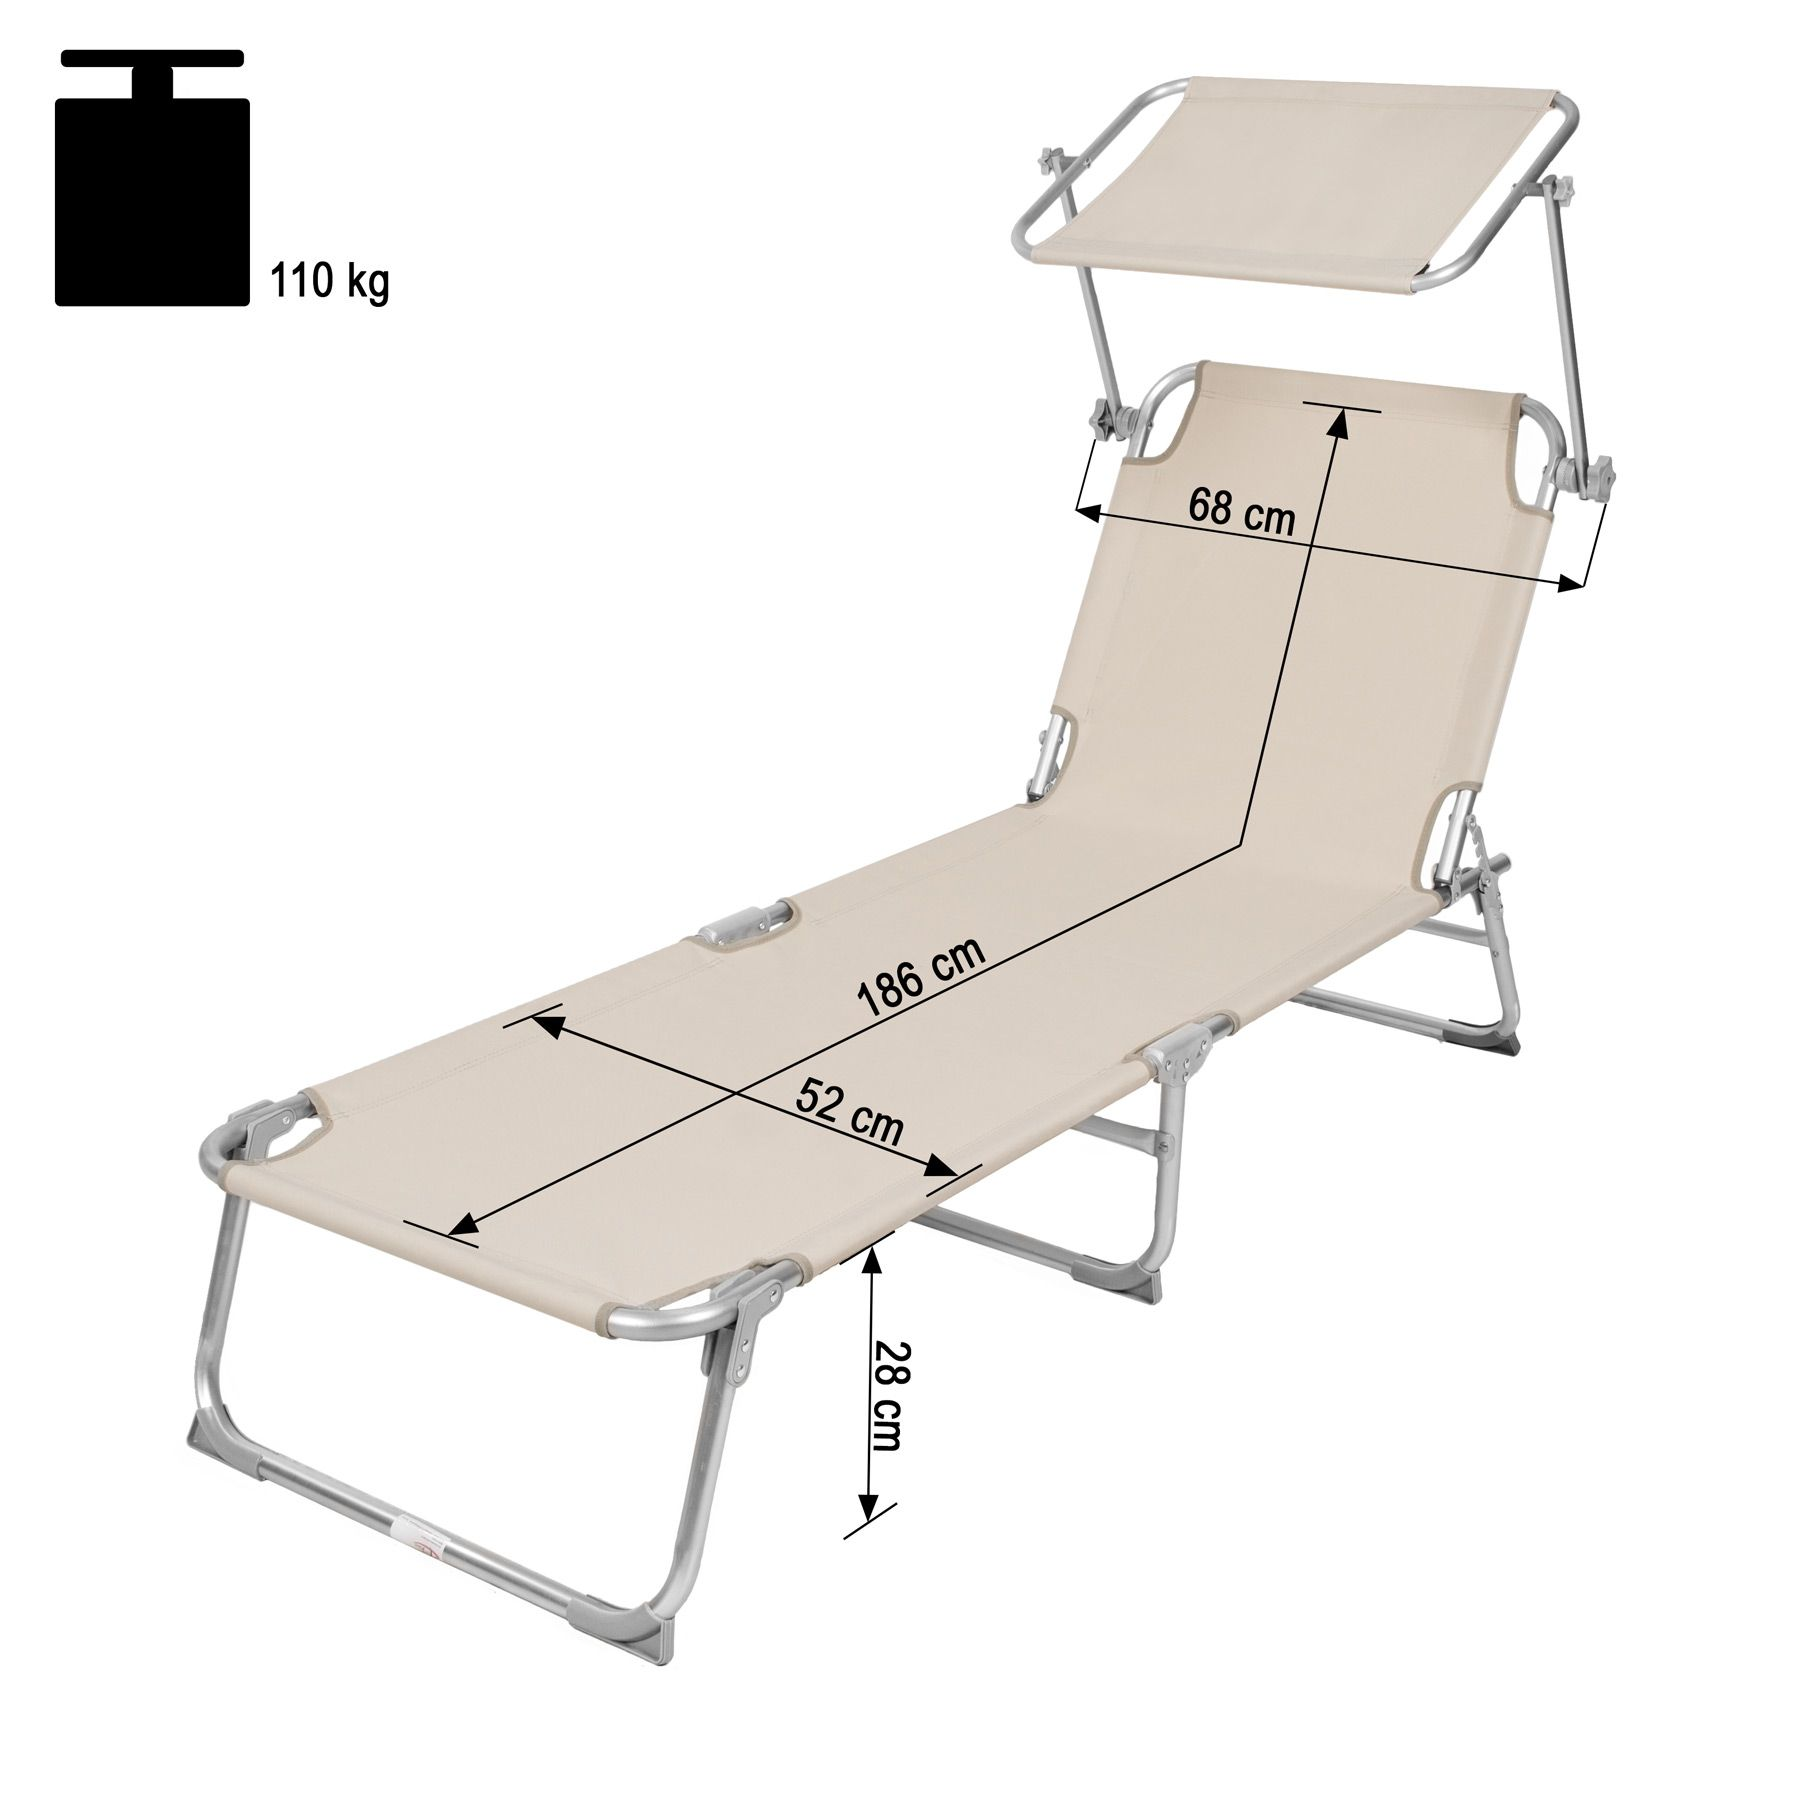 jardin beige de longue sur Détails soleil Alu bain chaise de pliante transat soleilpare A54R3jLq